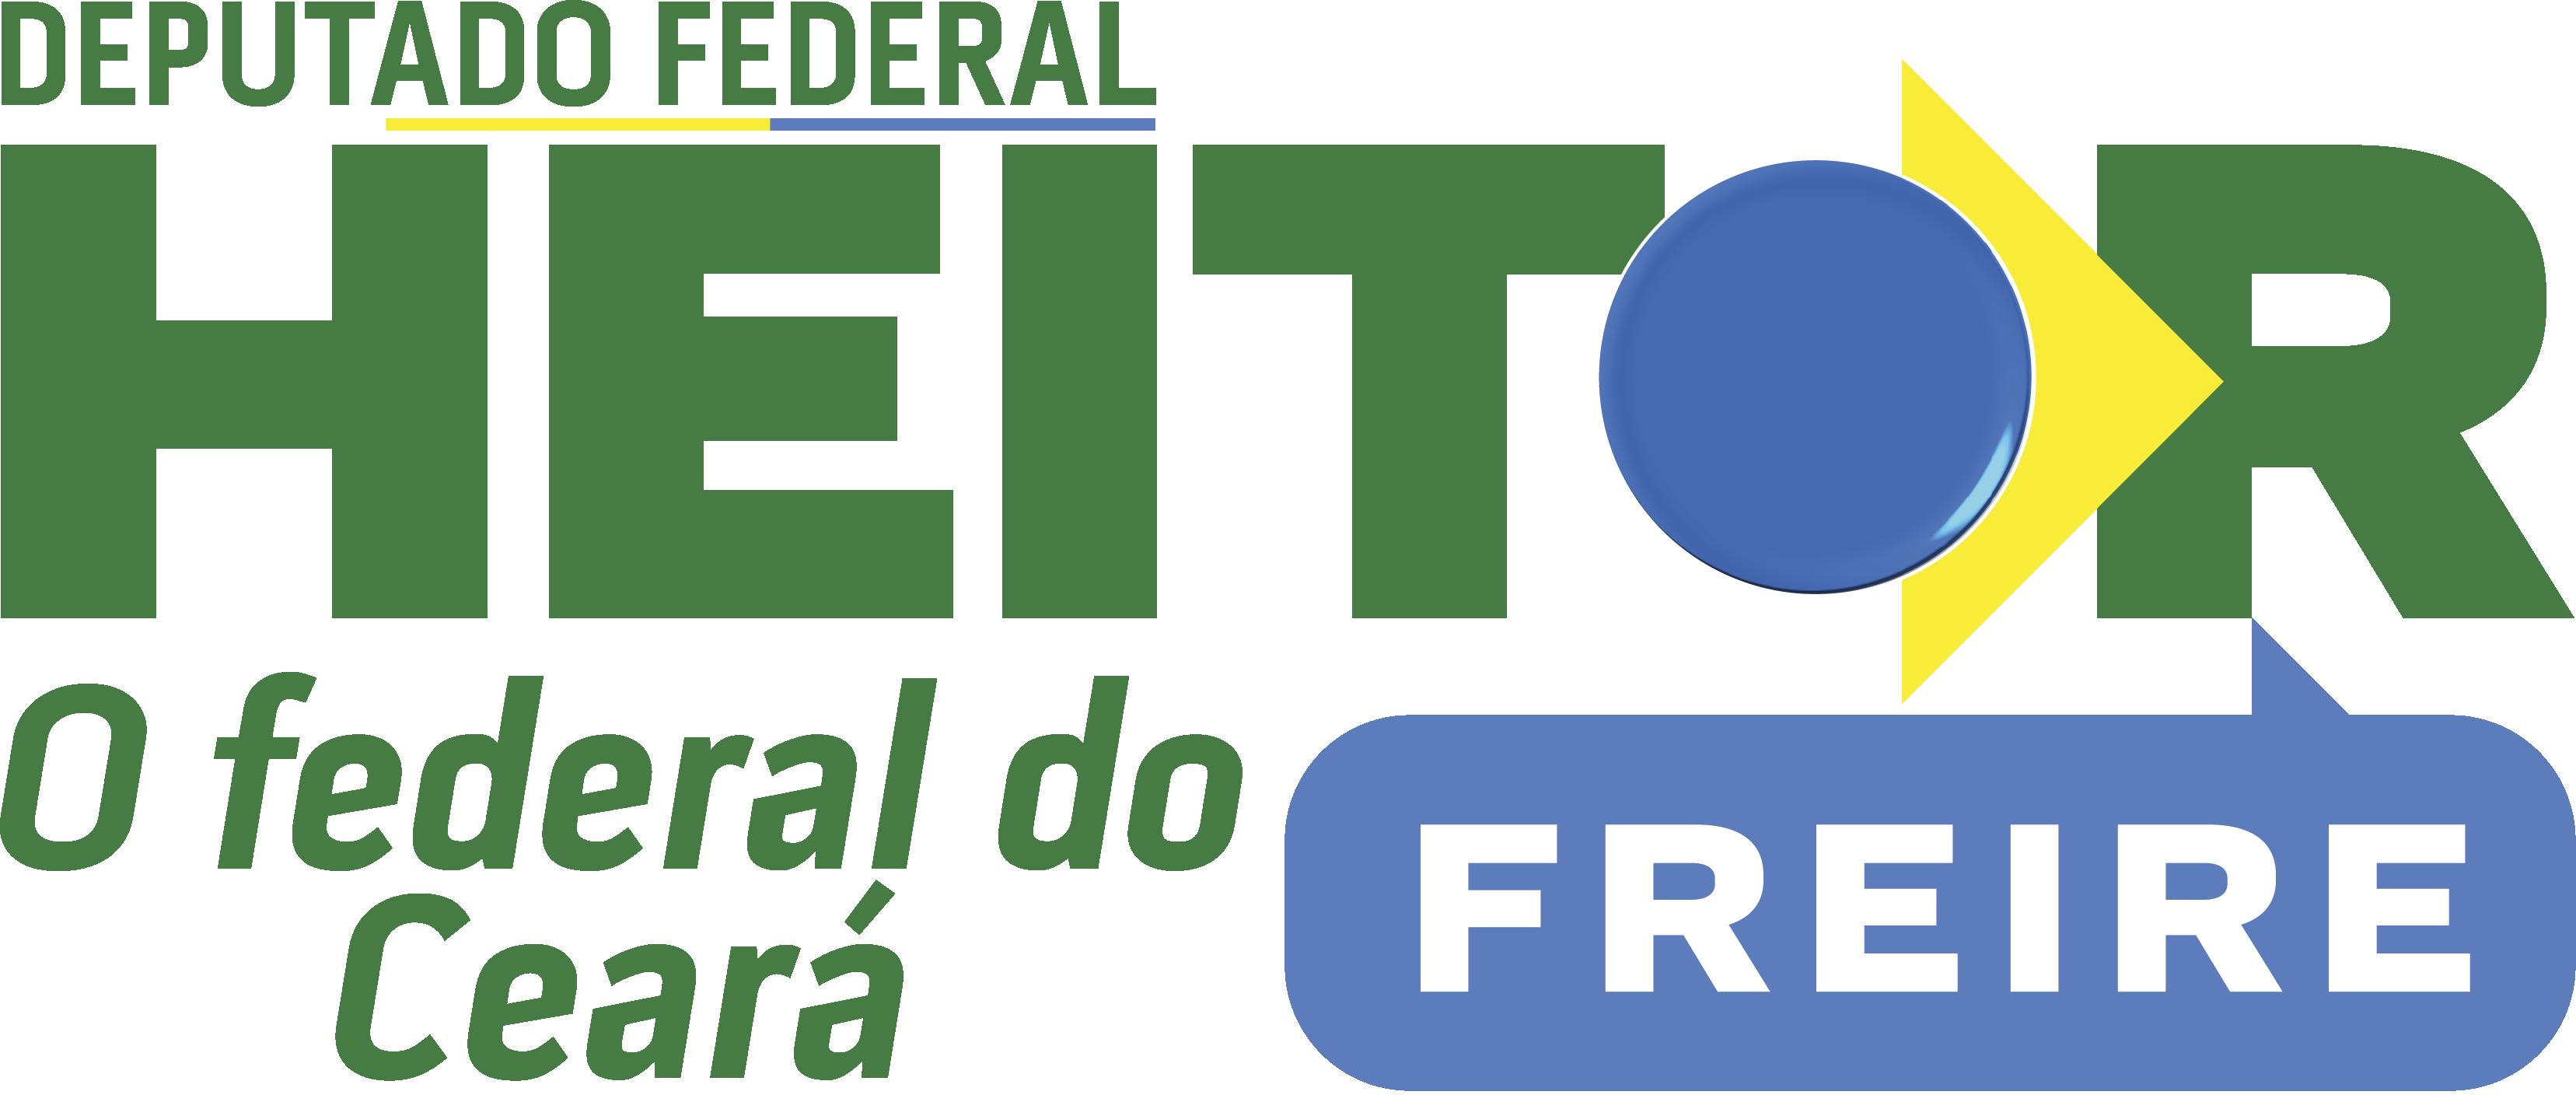 Deputado federal Heitor Freire